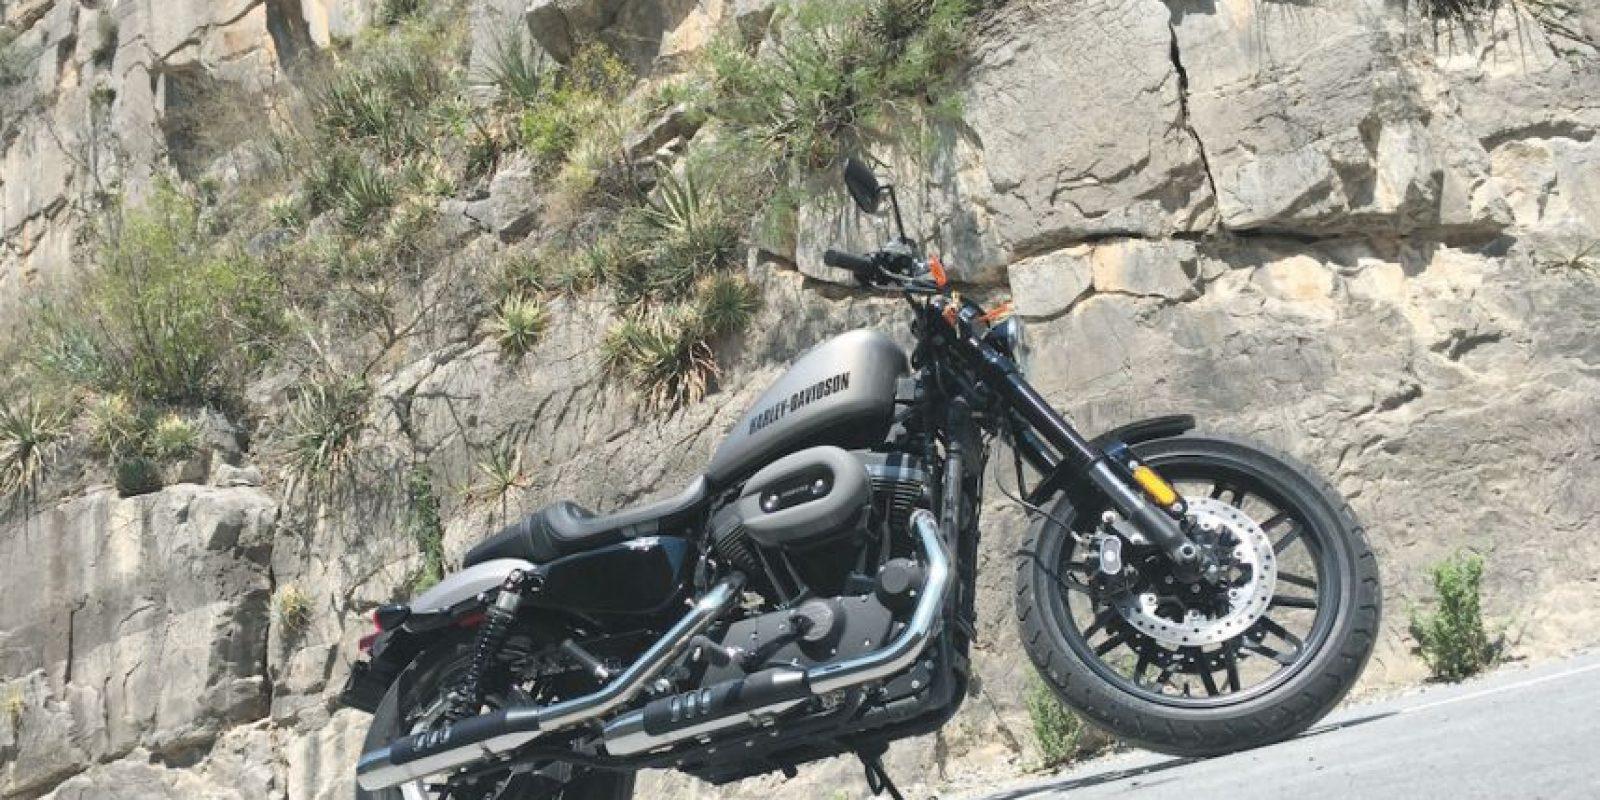 Presentan su primera moto del año: la 1200 Roadster que es ágil, potente y con gran tecnología. Foto: Harley-Davidson